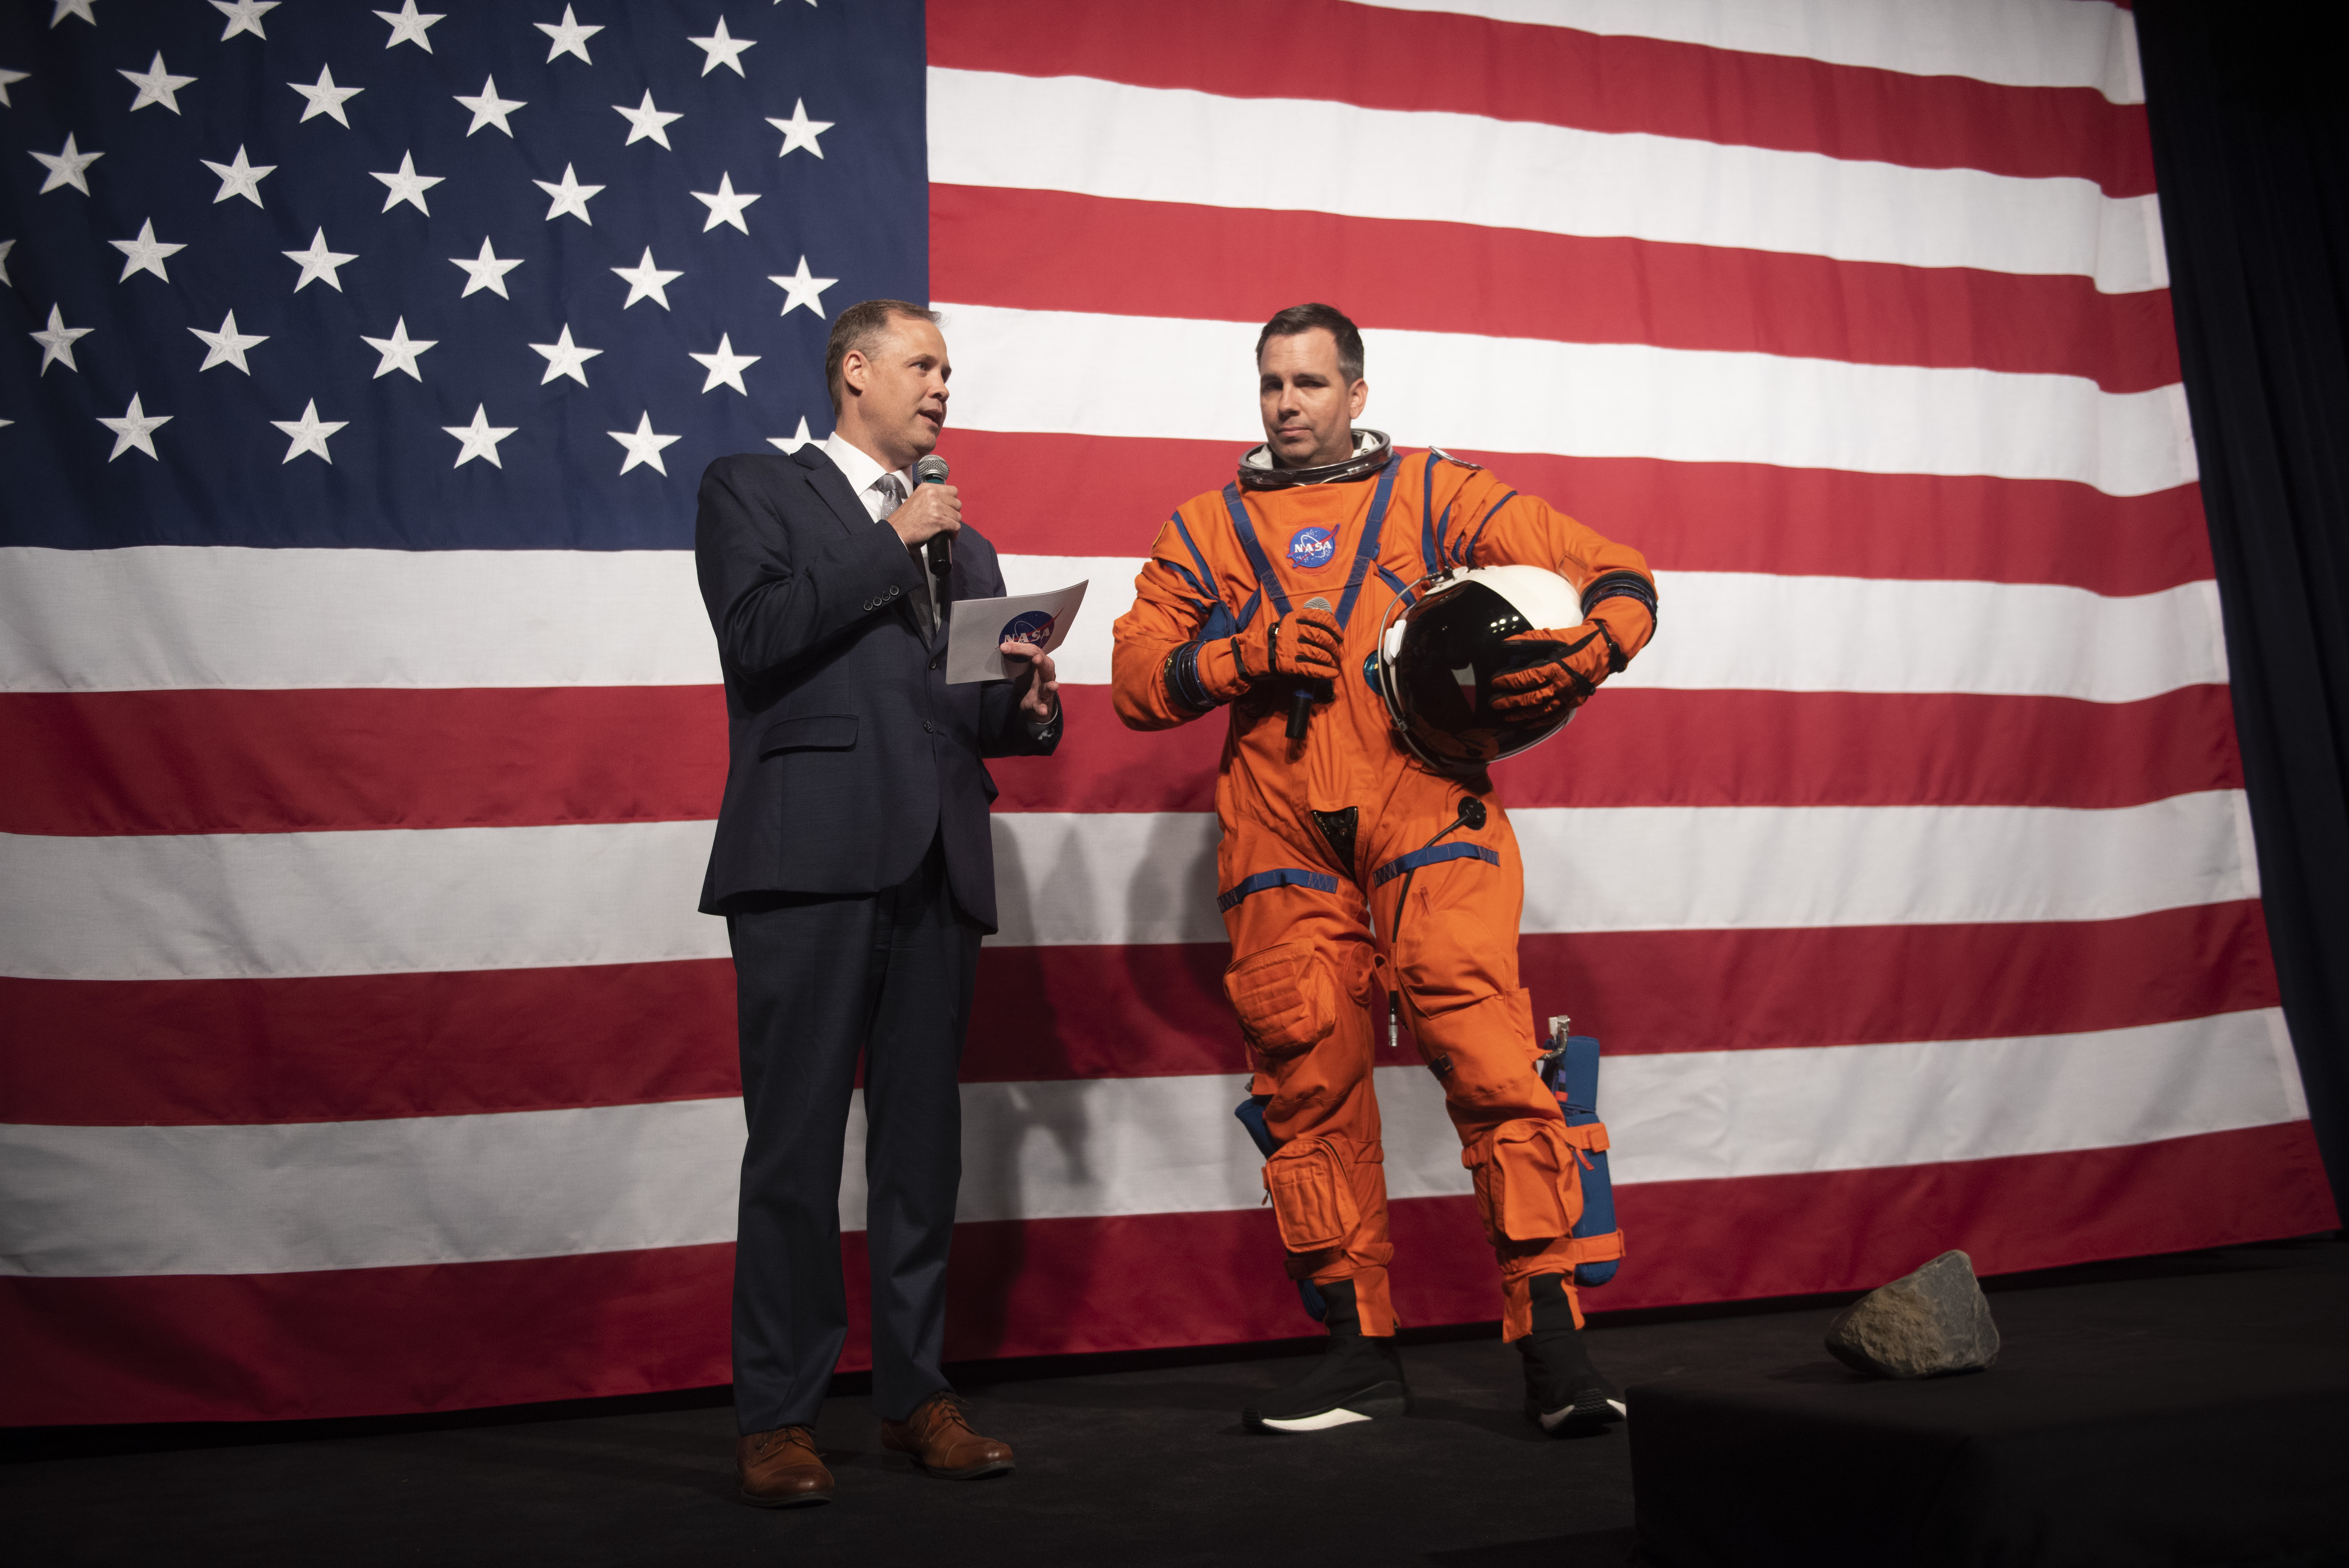 """Y otro para el trayecto entre la Tierra y la Luna, más ligero y de color naranja, bautizado """"Orion Crew Survival Suit"""", el traje de supervivencia para la tripulación de la cápsula de Orión (AP)"""